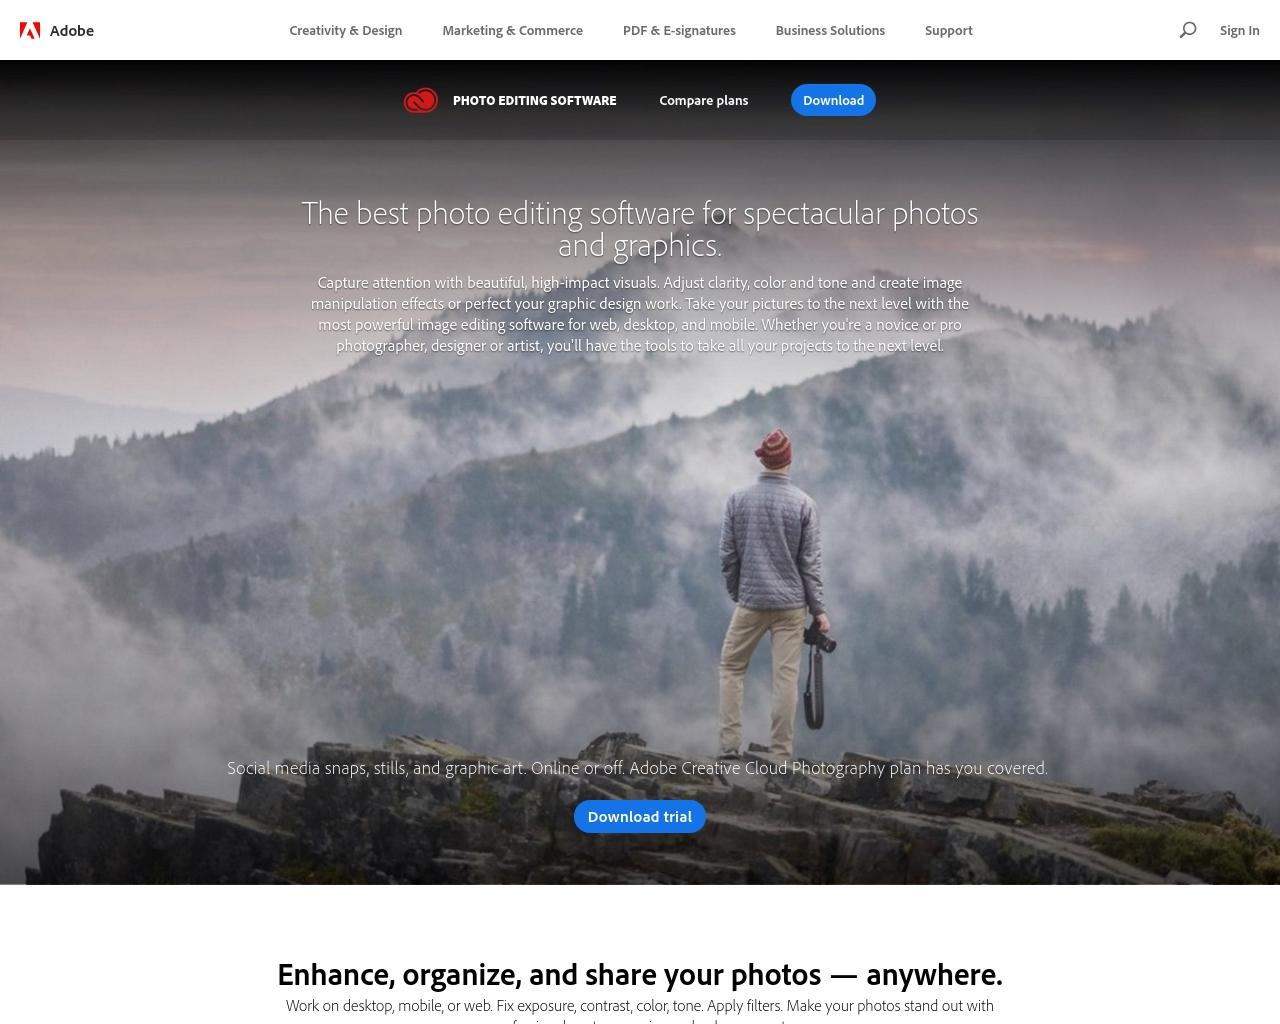 Adobe Photoshop - Postmake